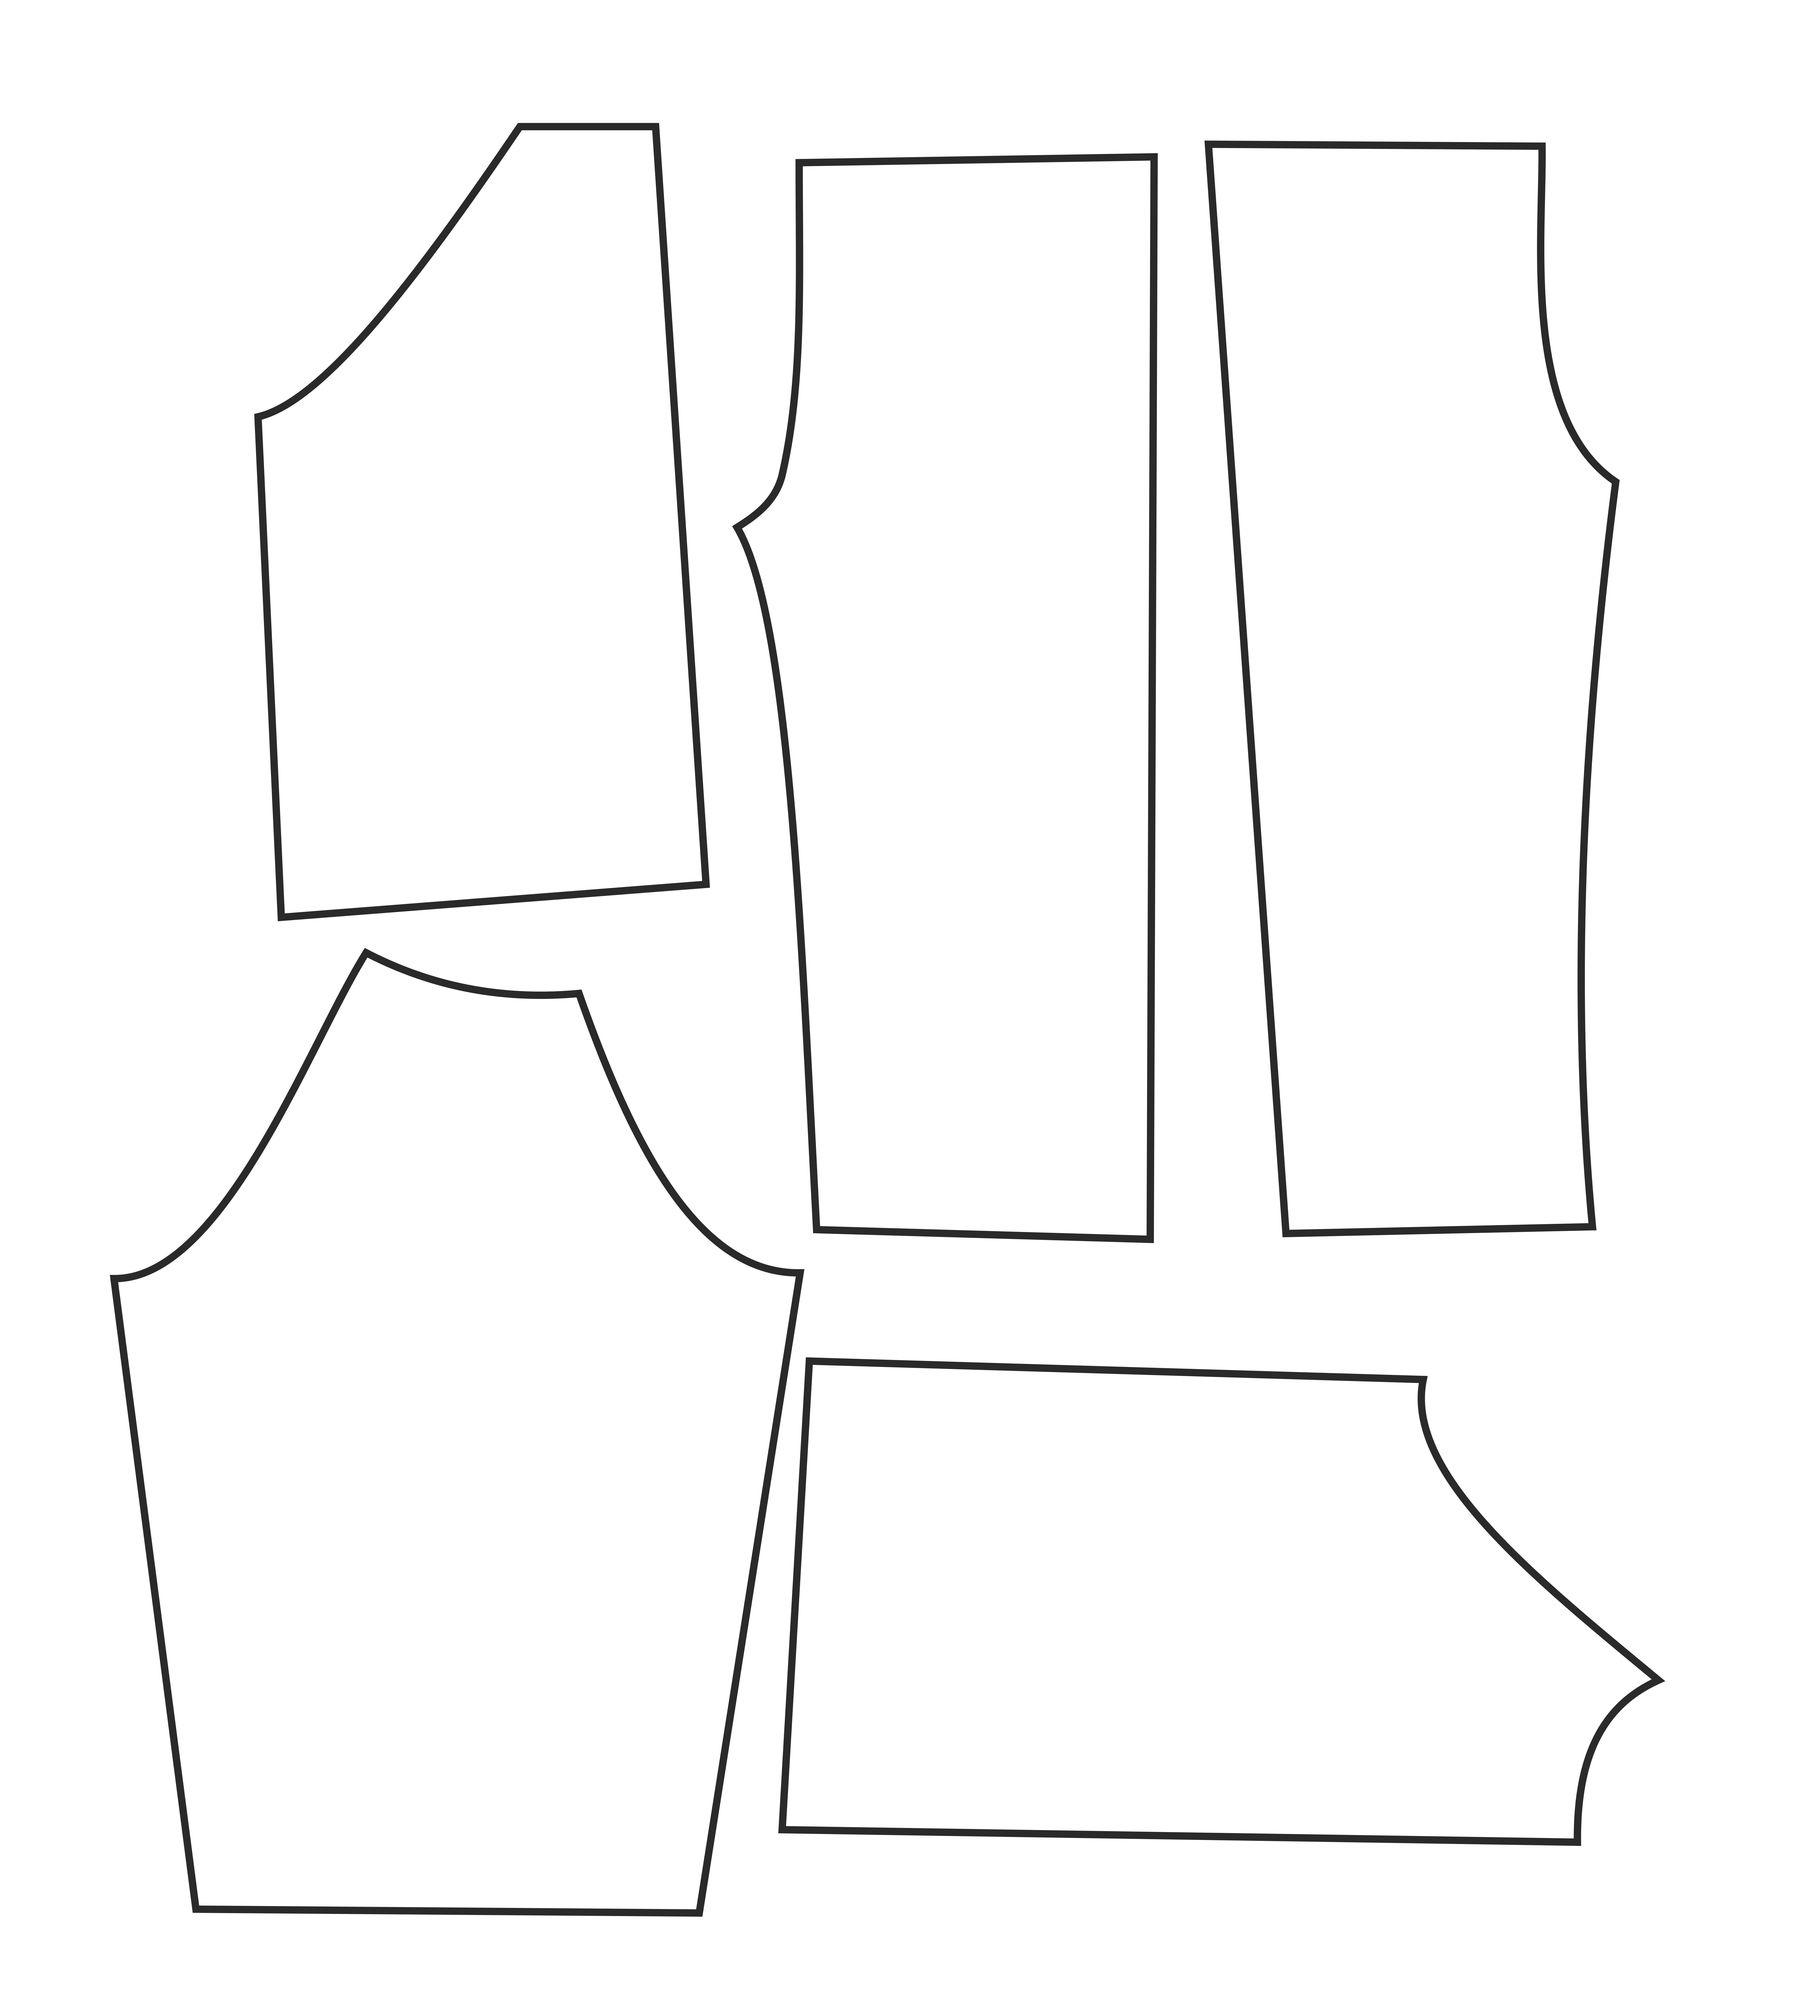 Как сделать своими руками объёмный рисунок на стене фото 514